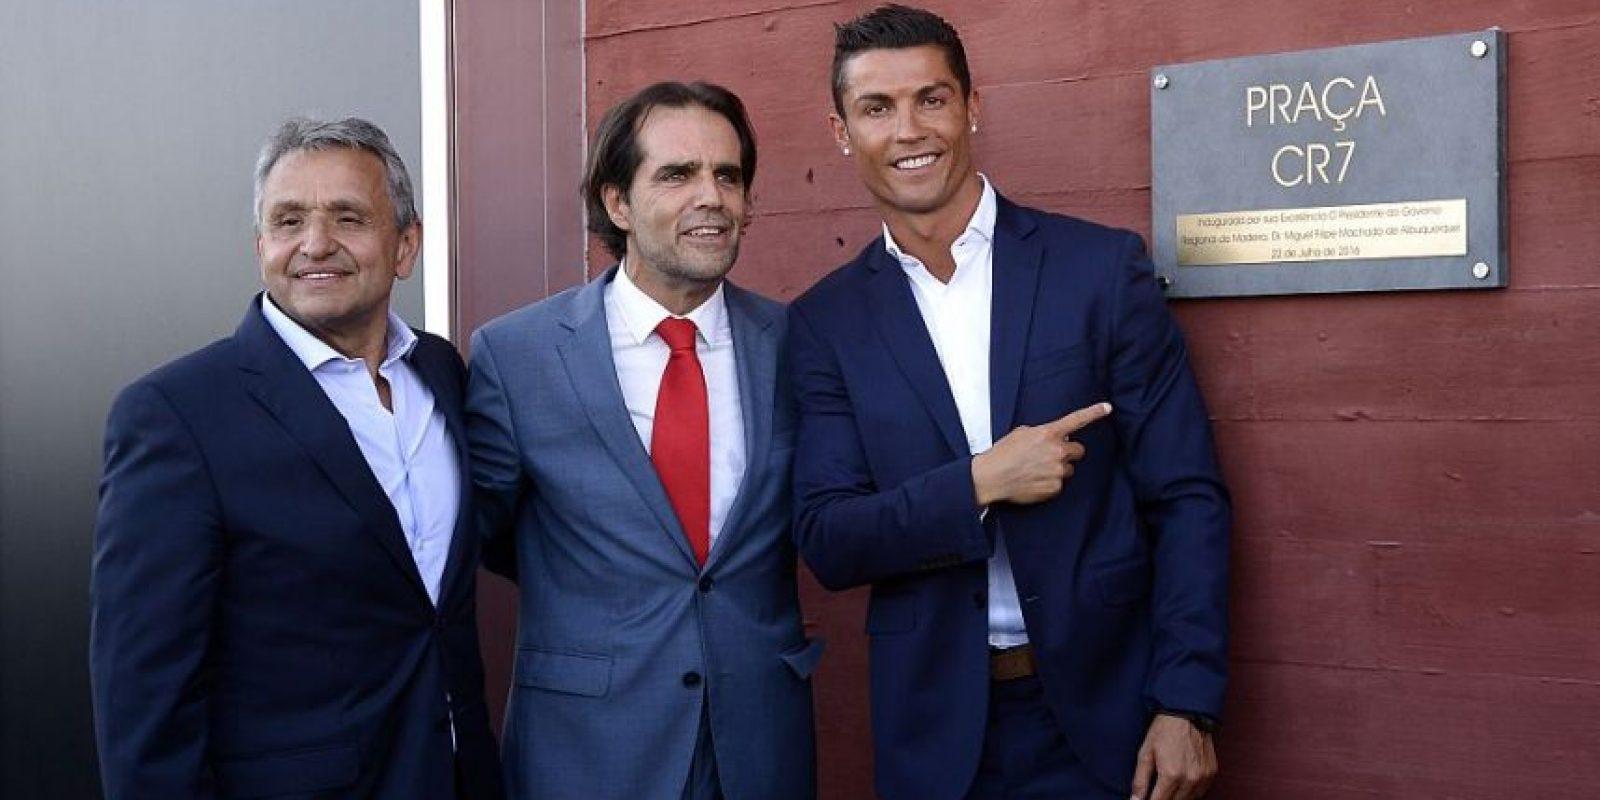 El restort abrió sus puertas hace un mes, pero hasta ahora pudo presentarse el futbolista. Foto:Getty Images. Imagen Por: